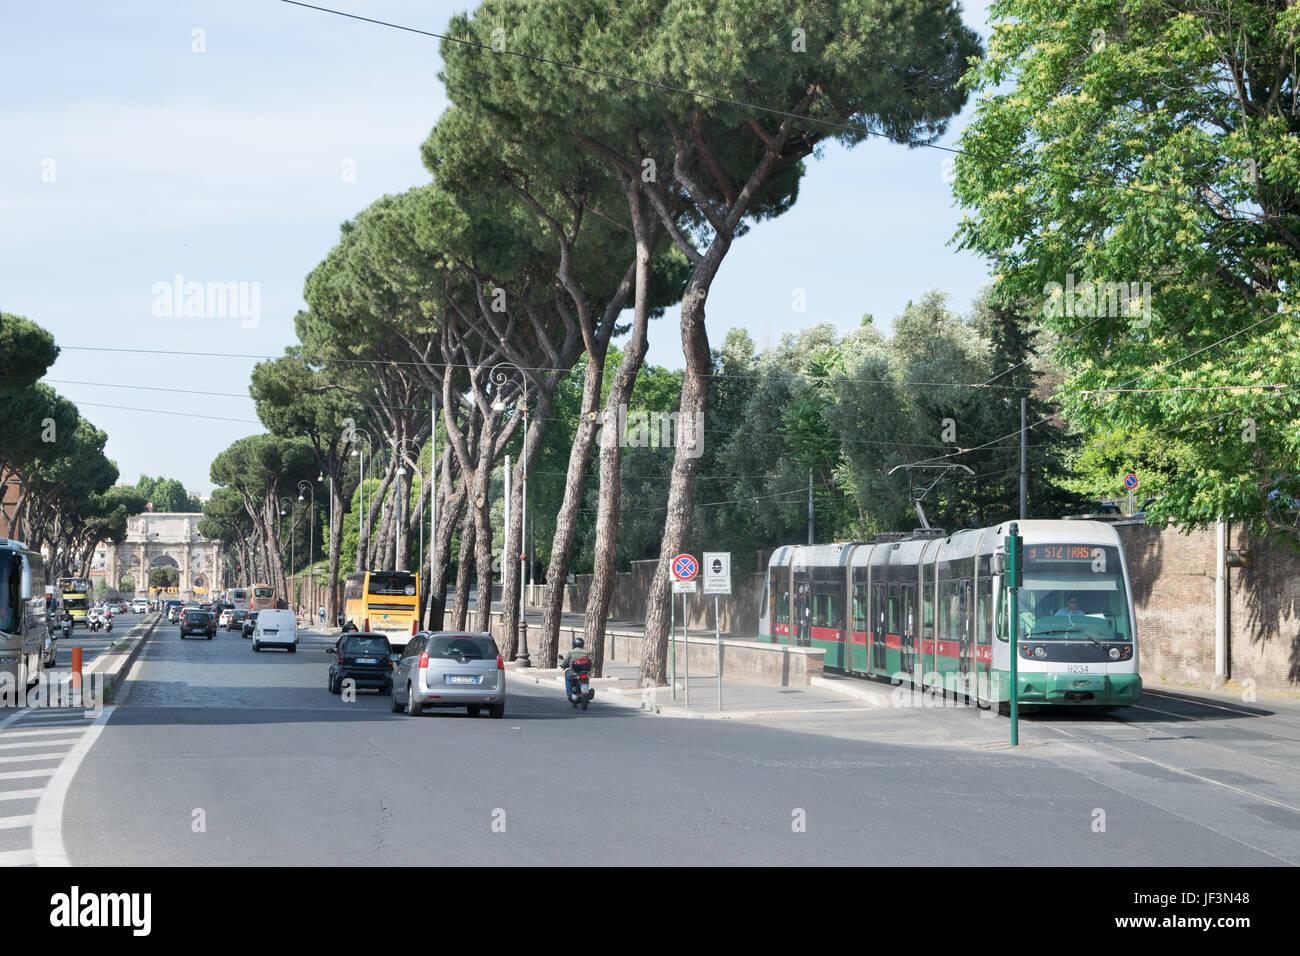 Roma, Italia - 02 giugno 2017: Tram ATAC è visto nelle strade di Roma. ATAC è il municipally-di proprietà Immagini Stock